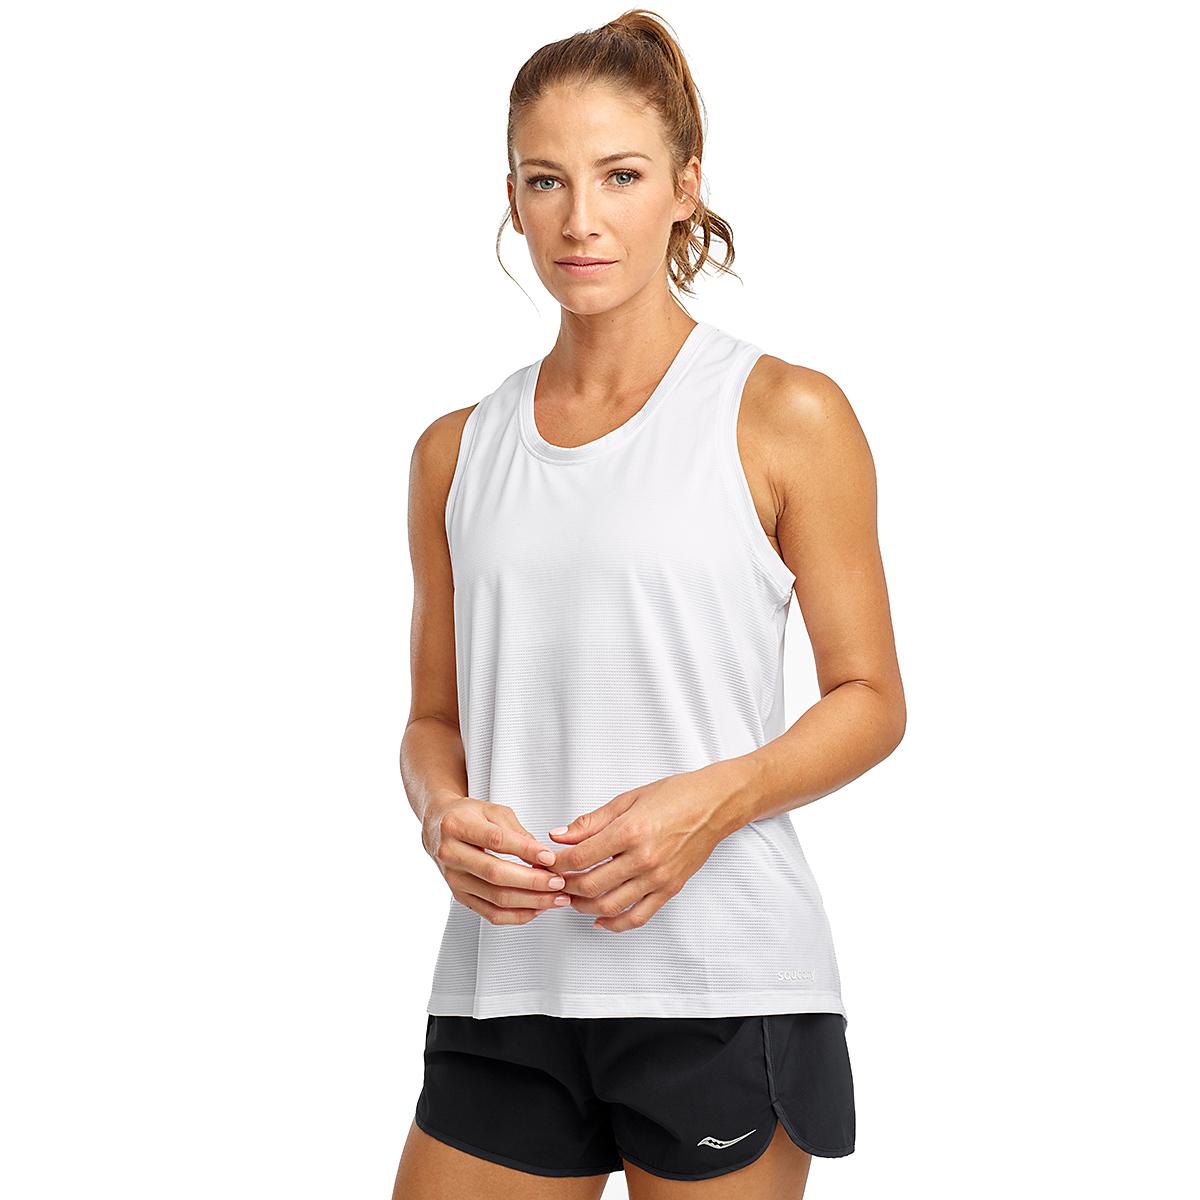 Women's Saucony Rerun Sleeveless Tank  - Color: White - Size: XXS, White, large, image 1